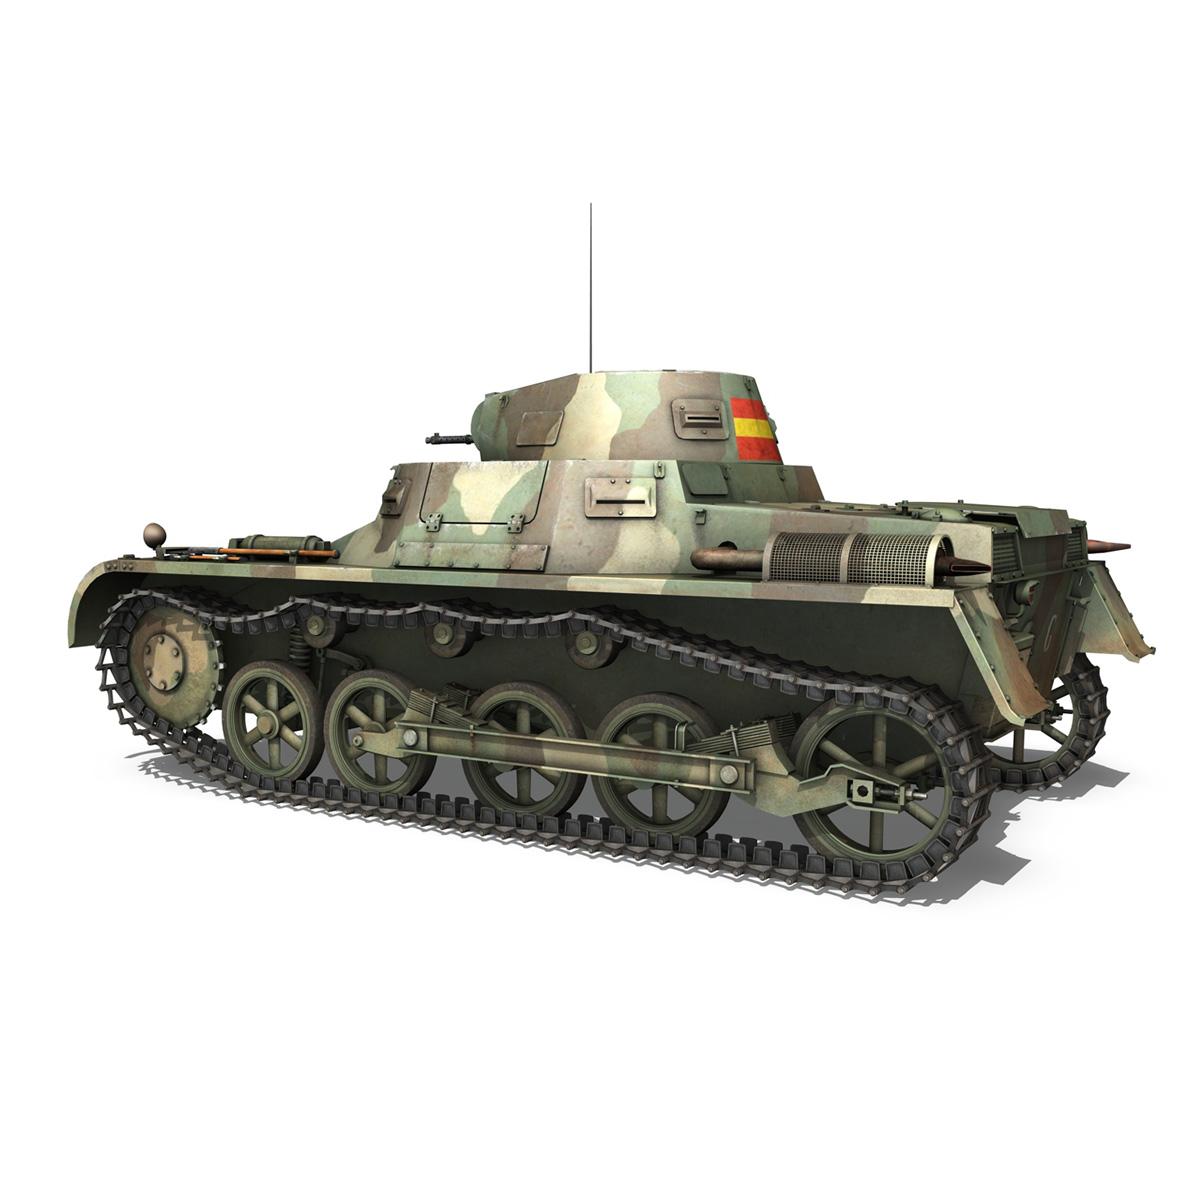 pzkpfw 1 – panzer 1 – ausf. a – g 3d model 3ds fbx lwo lw lws obj c4d 265450